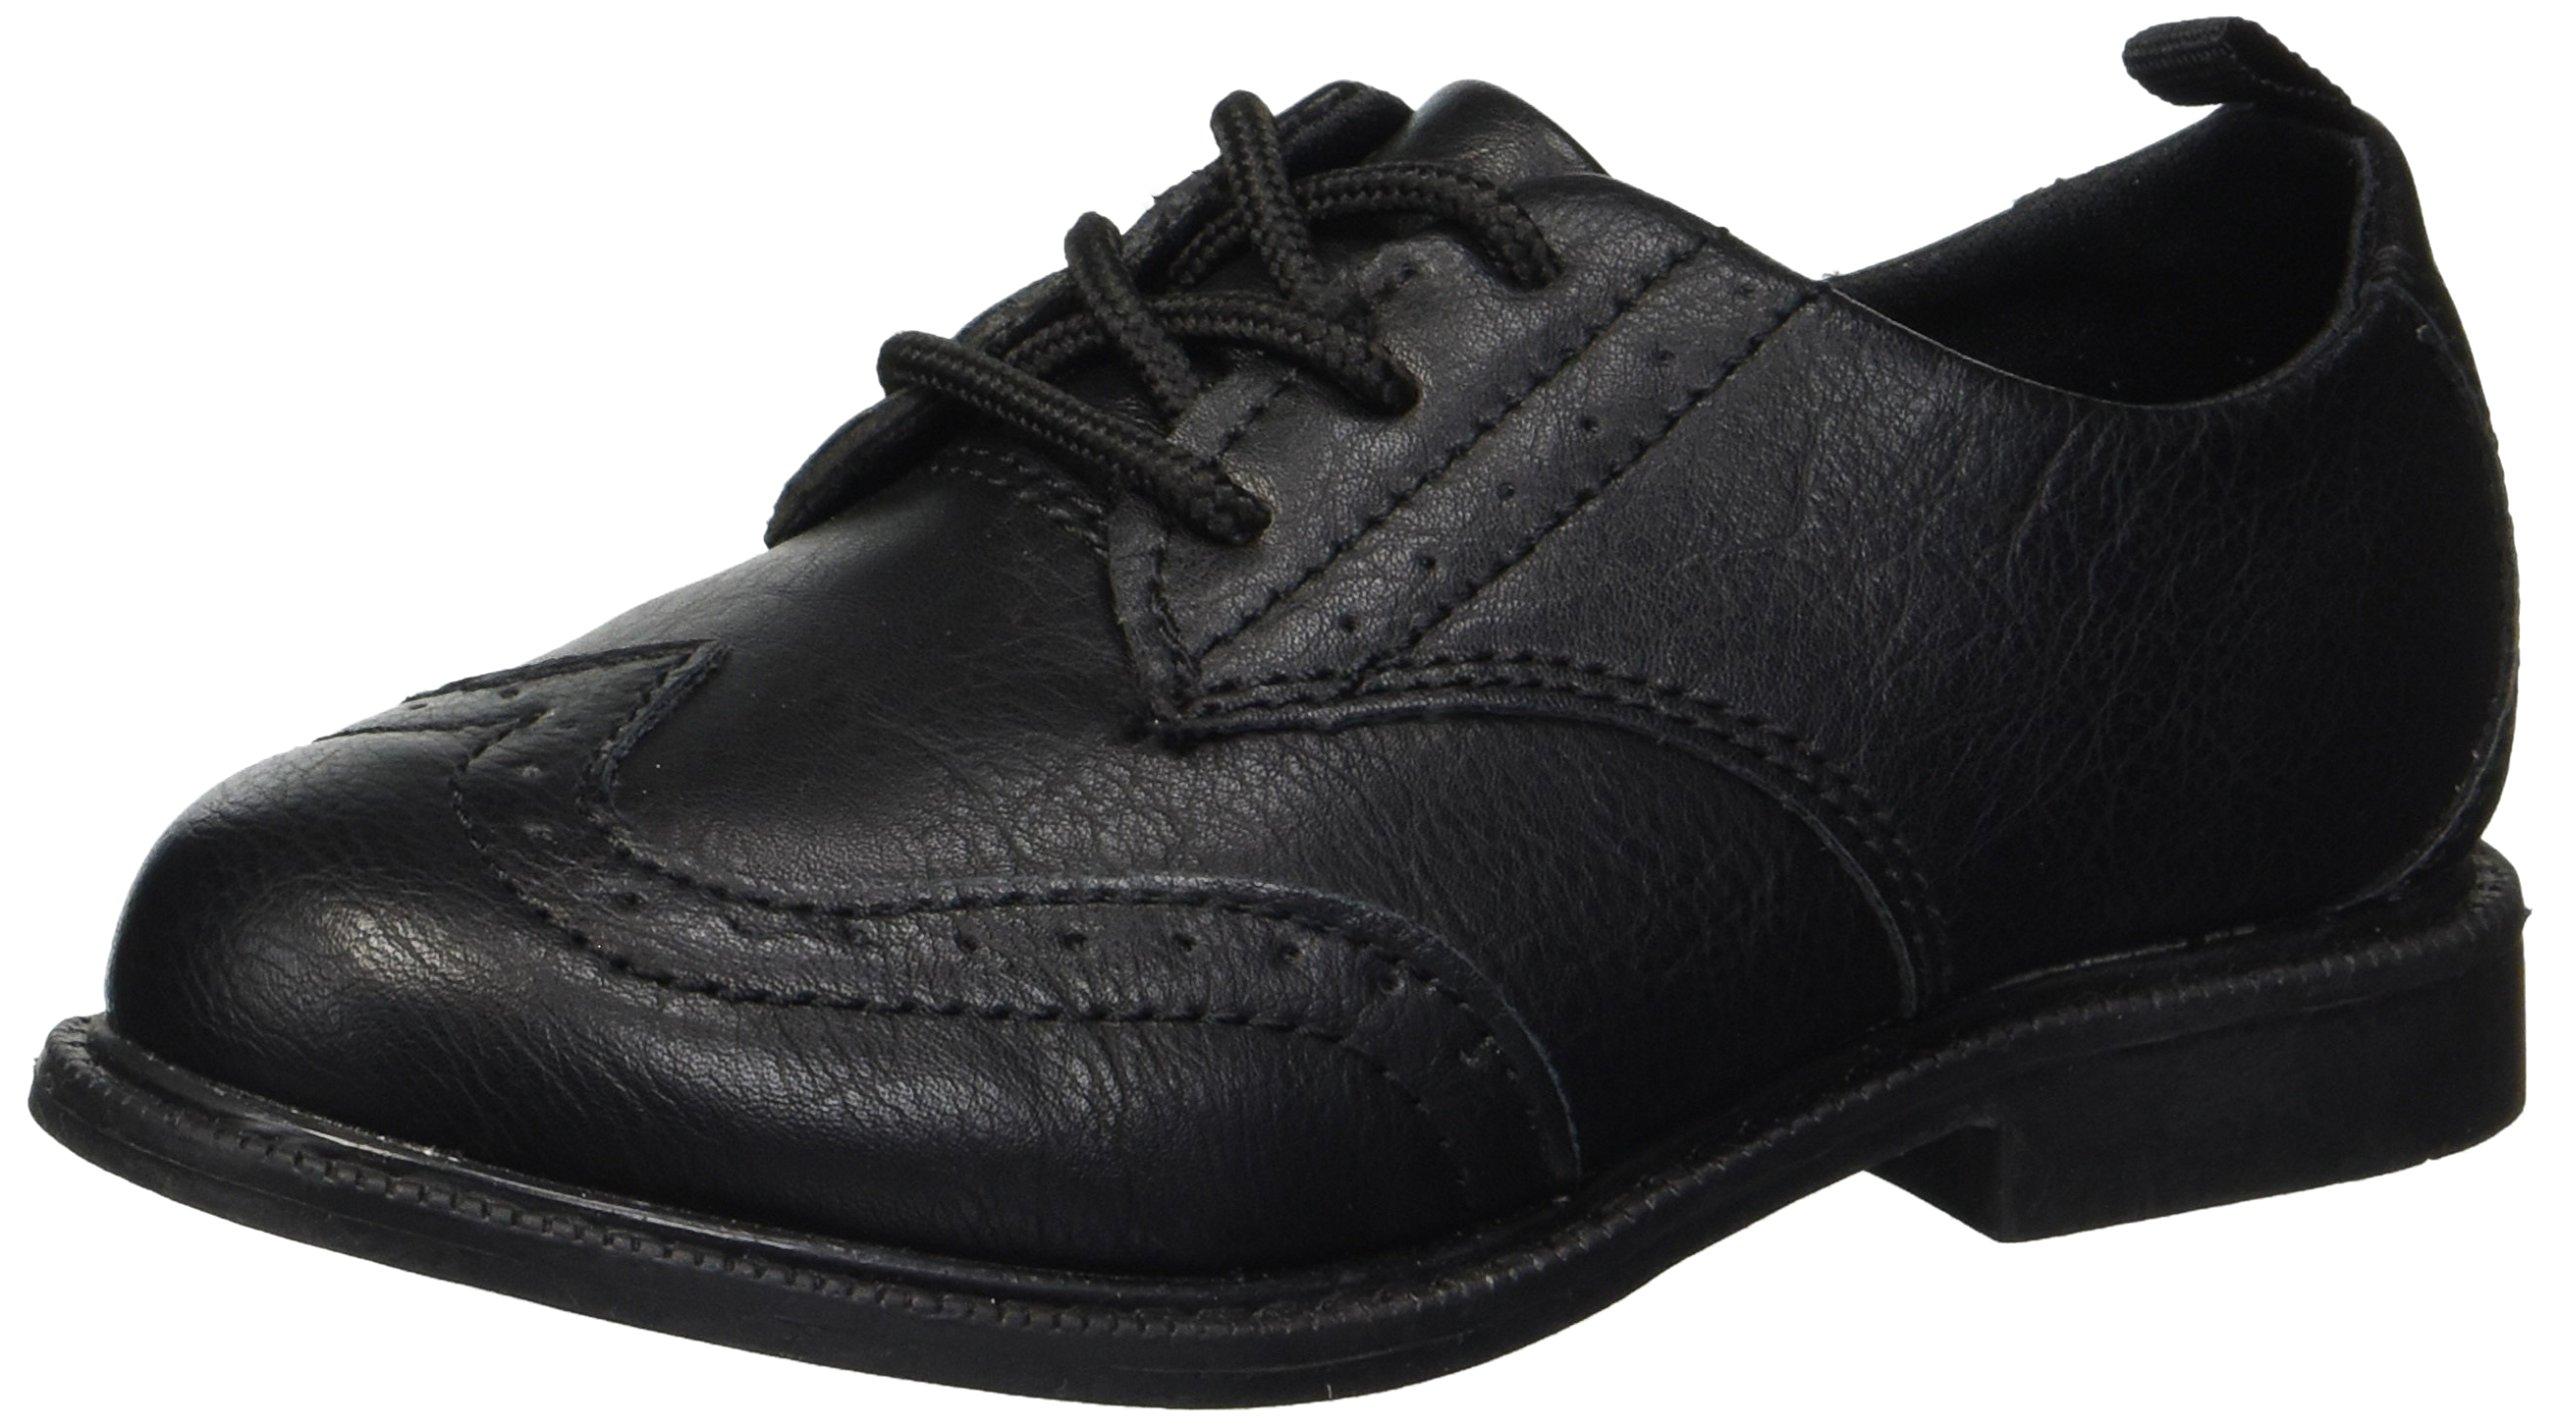 carter's Boys' Henry Dress Shoe Oxford, Black, 7 M US Toddler